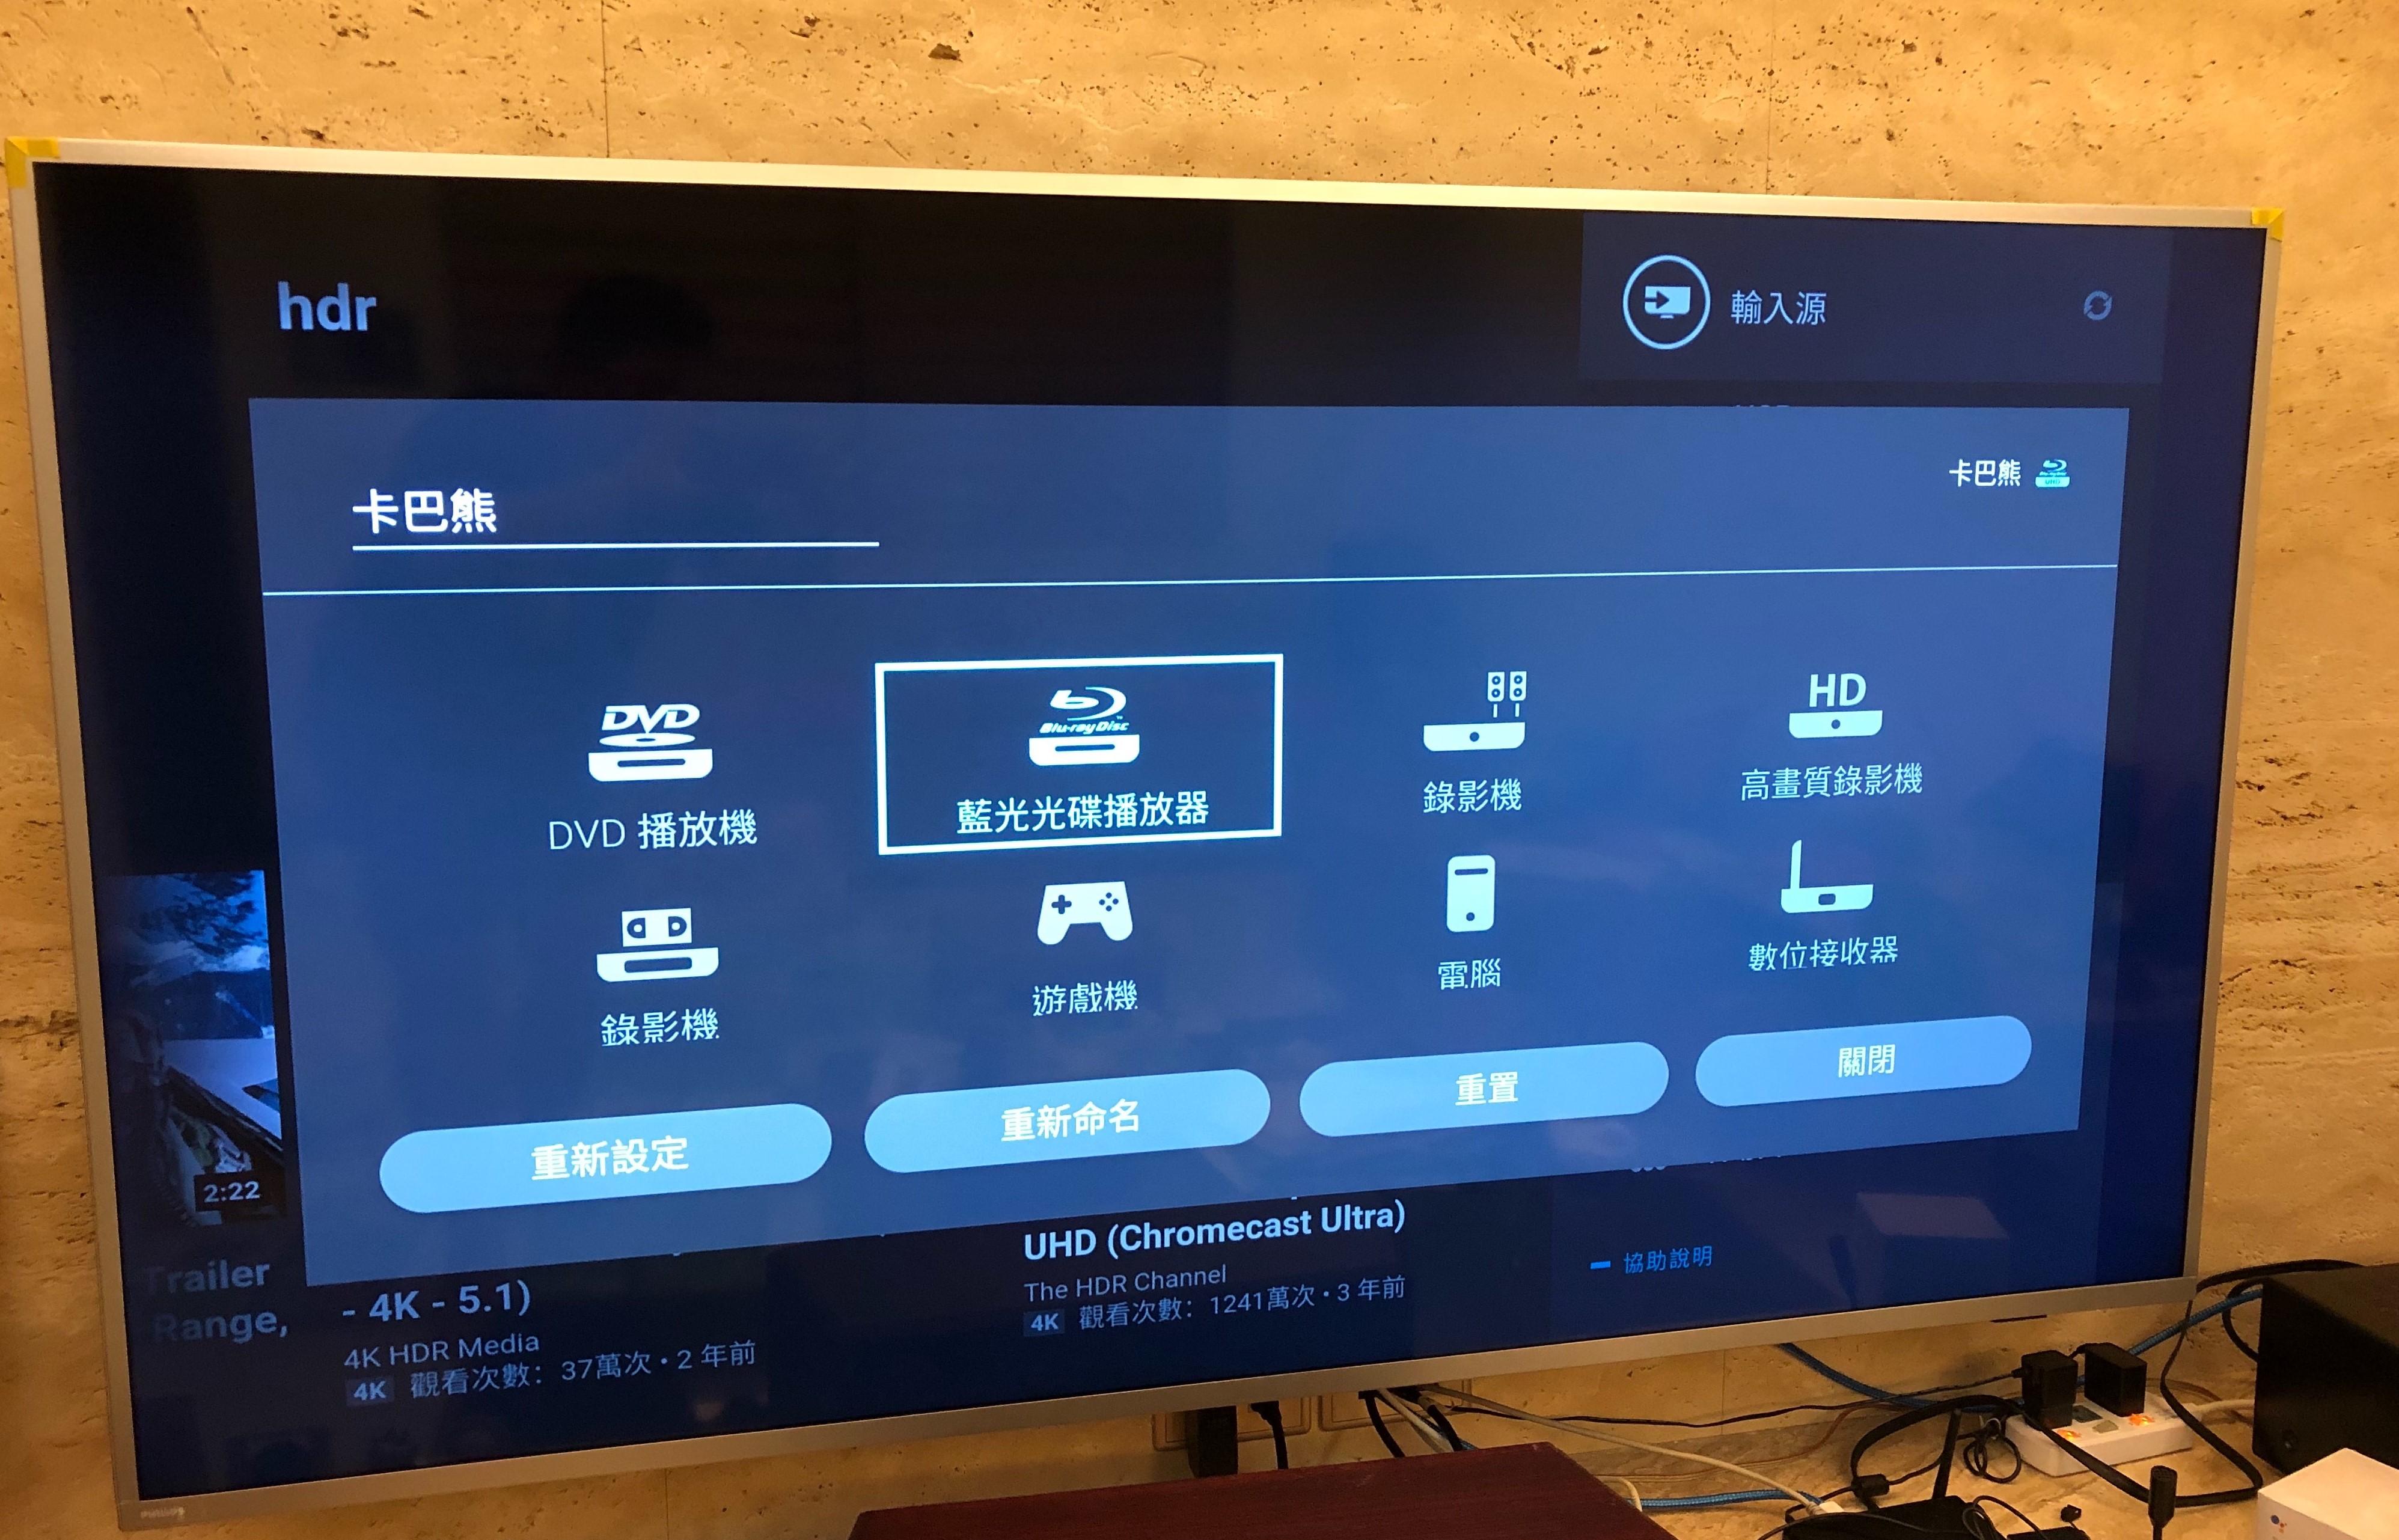 飛利浦Philips 70PUH7374 Android TV 快速分享 - Mobile01